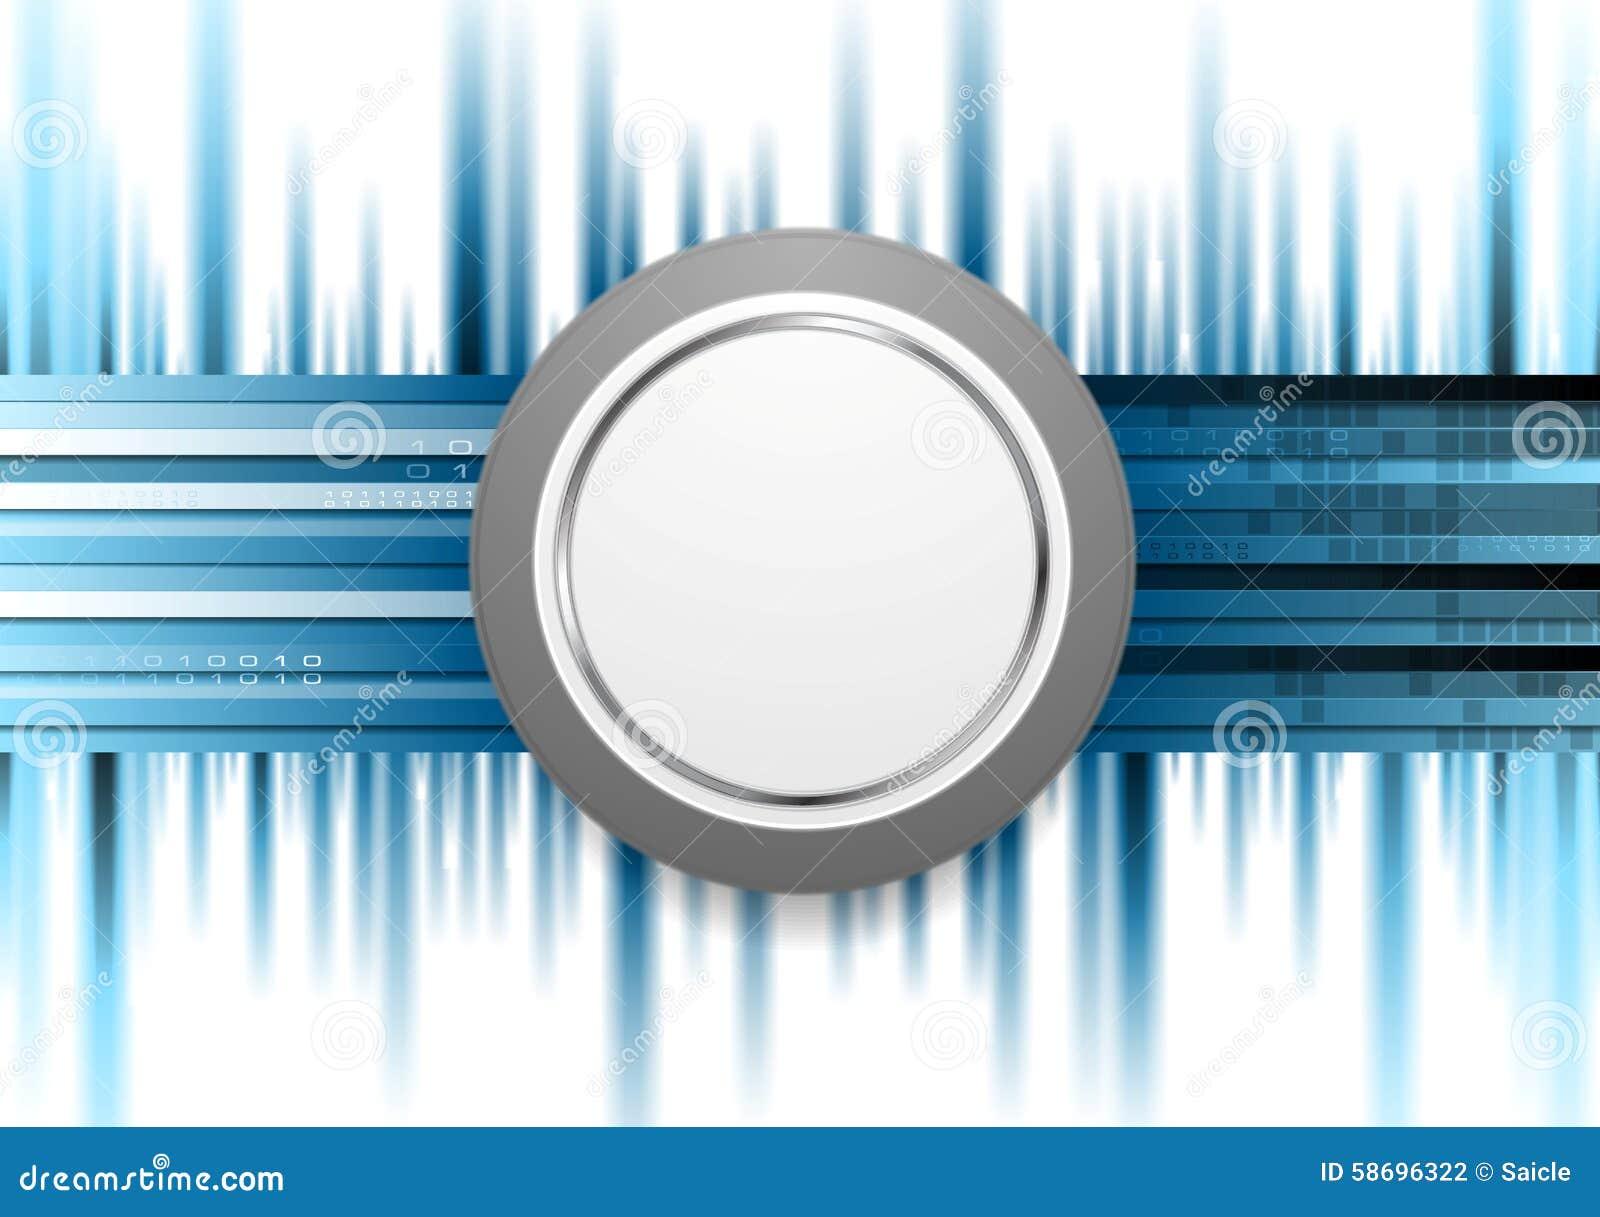 Fondo Azul De La Tecnología Con El Círculo Gris